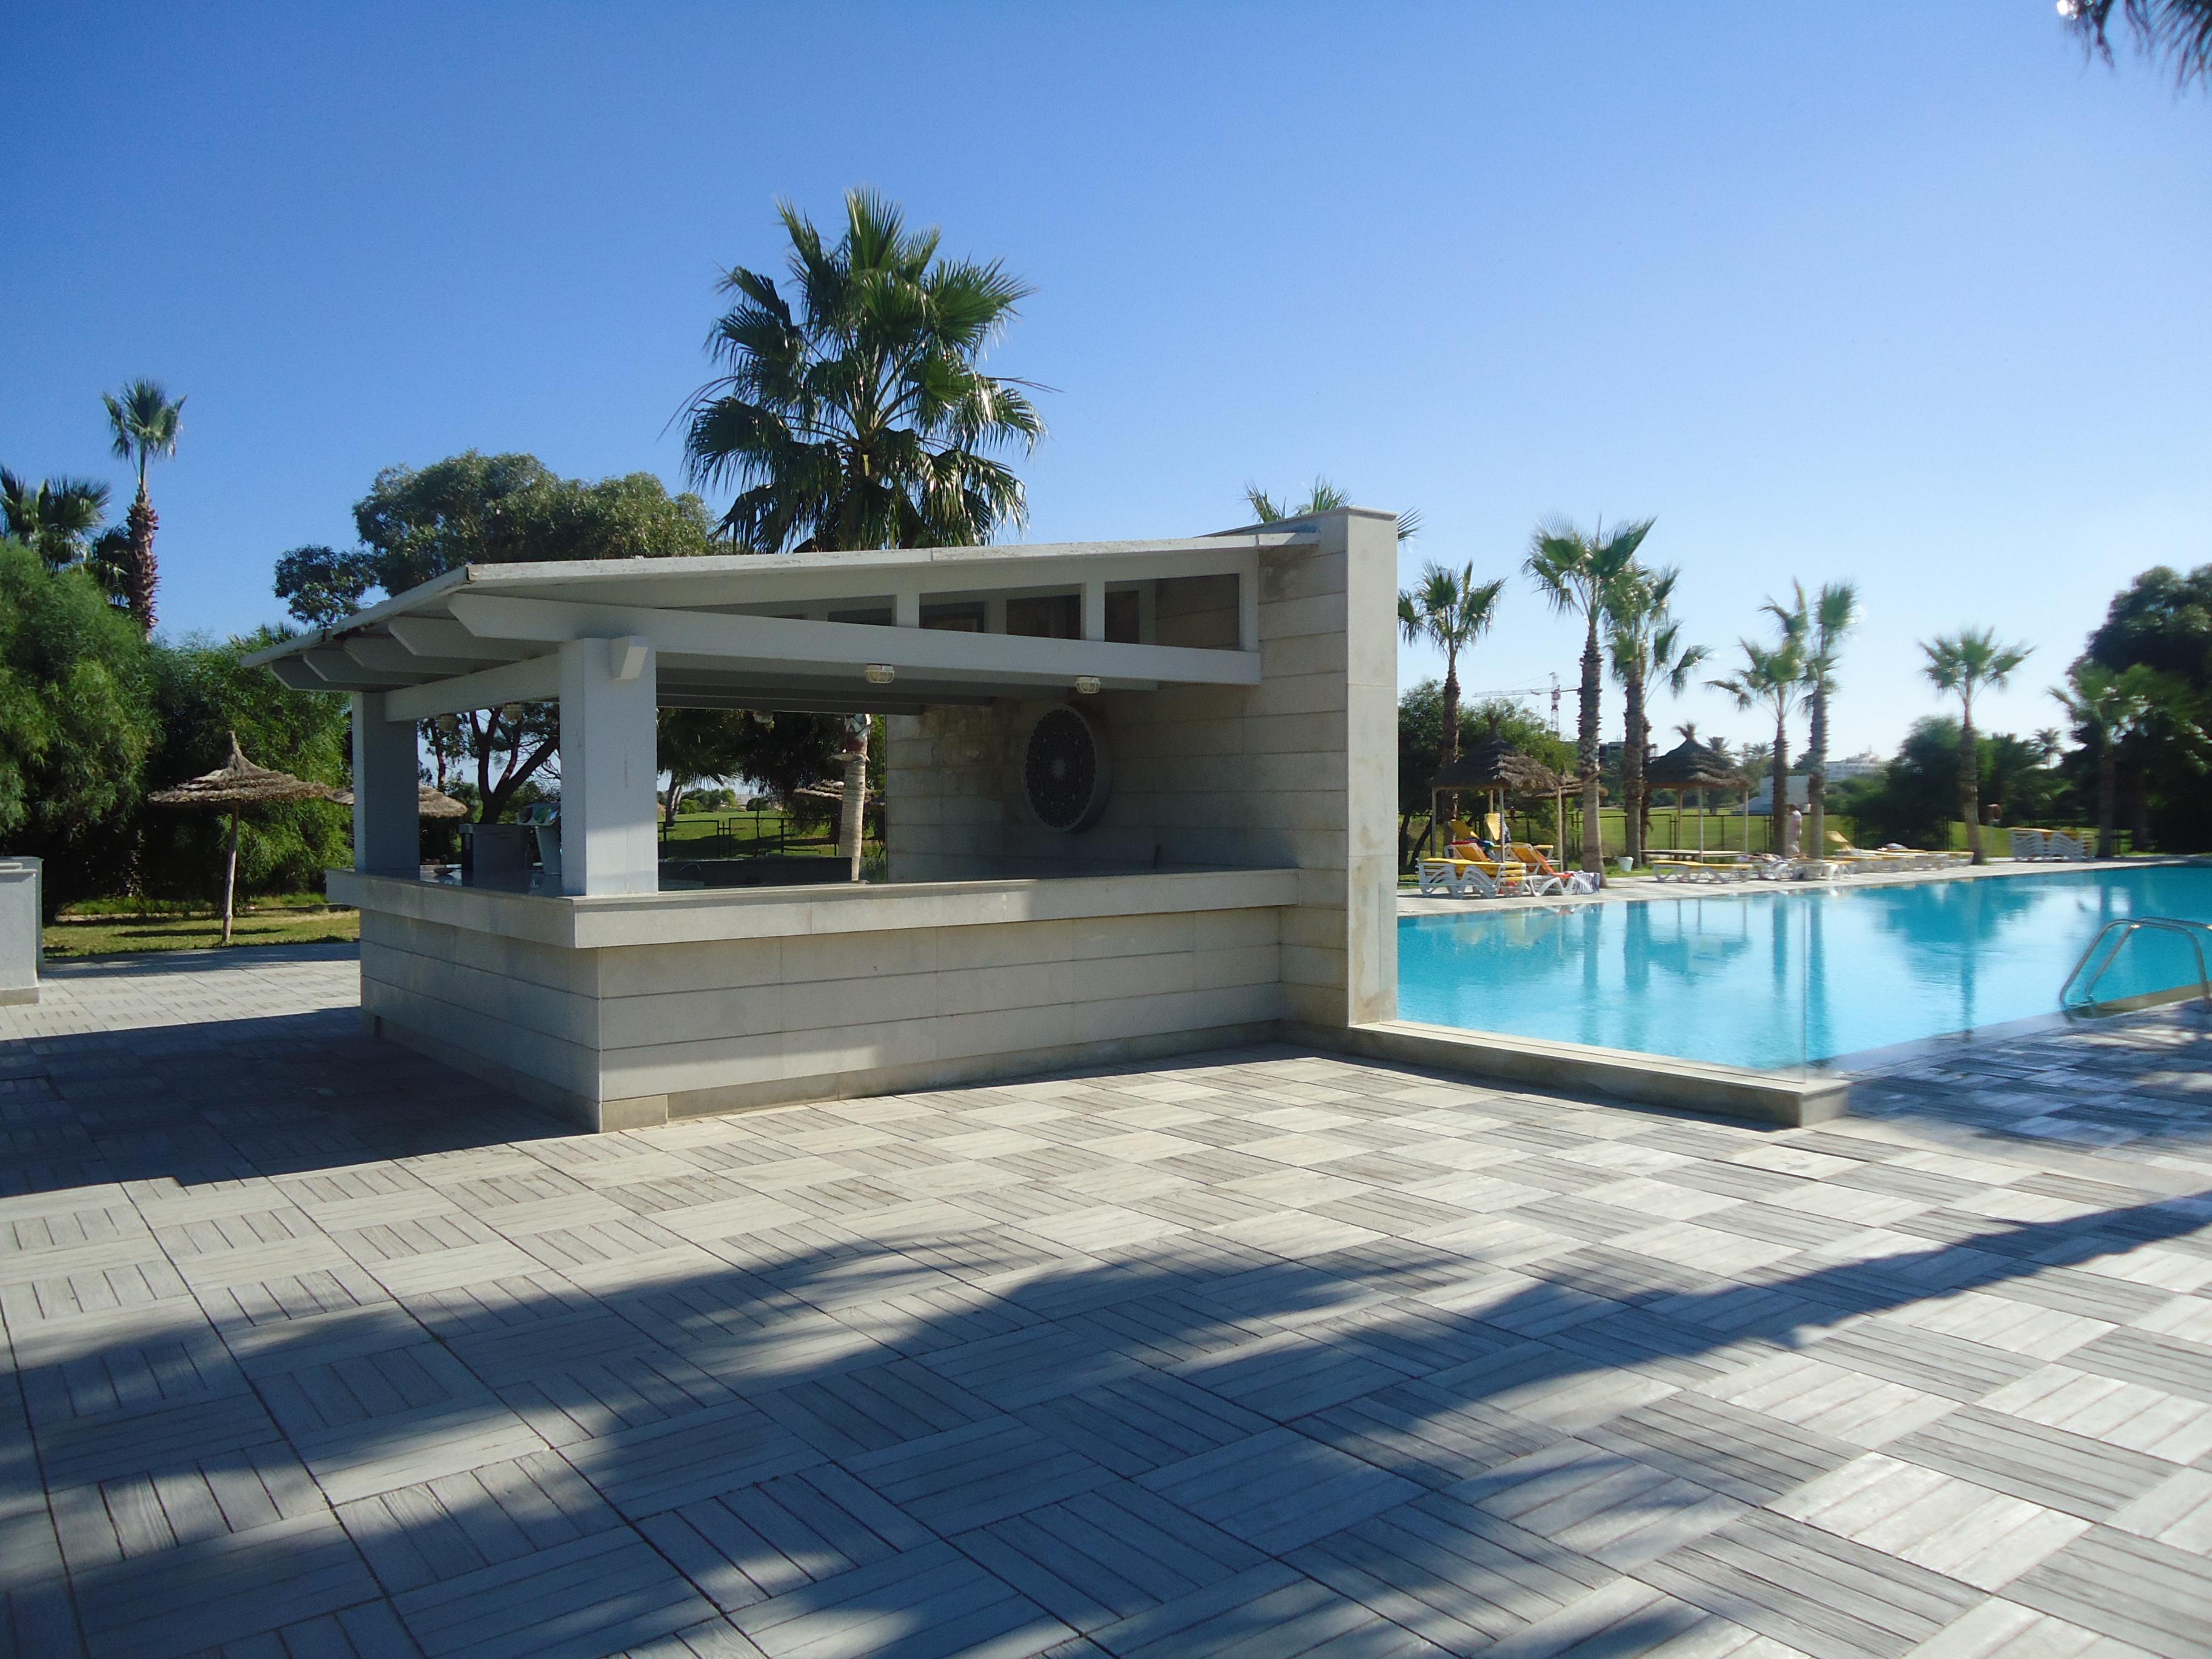 Mille et une nuits port el kantaoui tunisie la for Club piscine cabanon